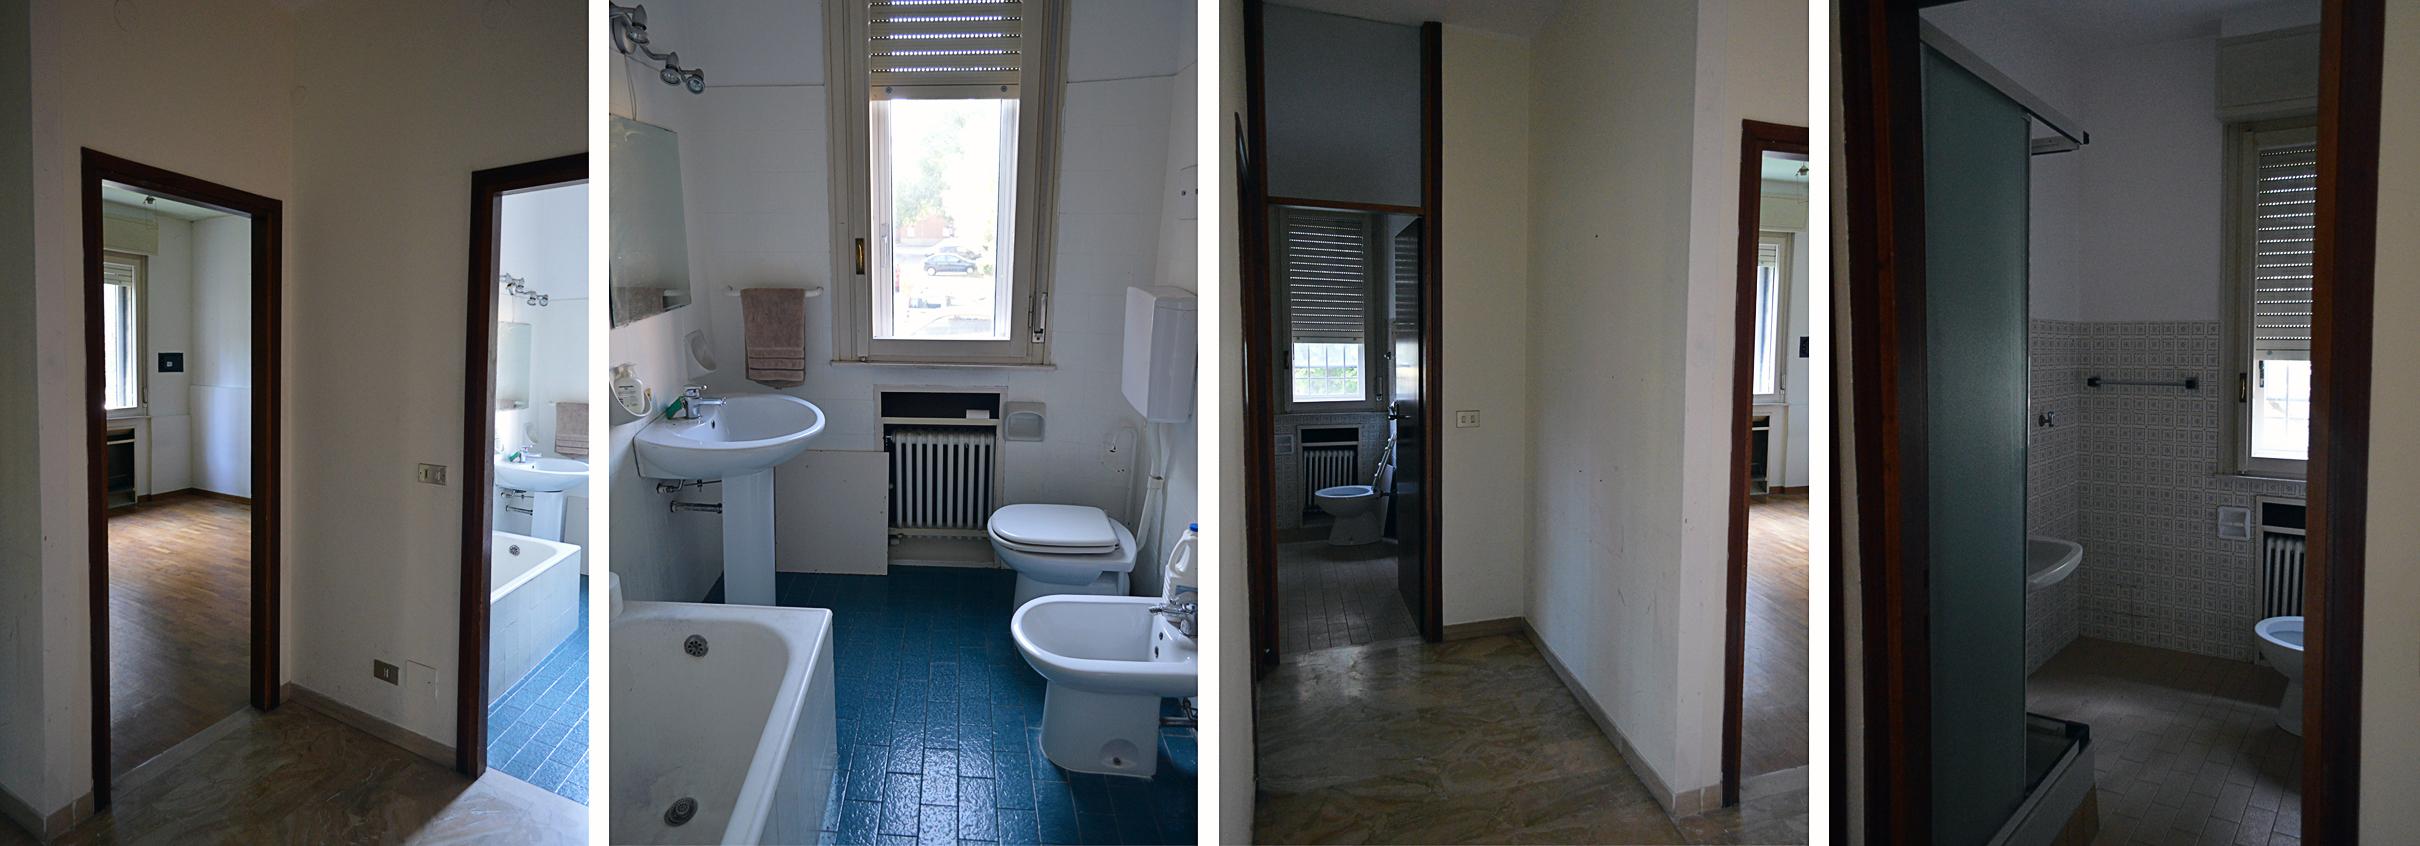 Arredo Bagno Via Zanardi Bologna.Ristrutturazione Appartamento Bologna Zanardi Gg Progetti